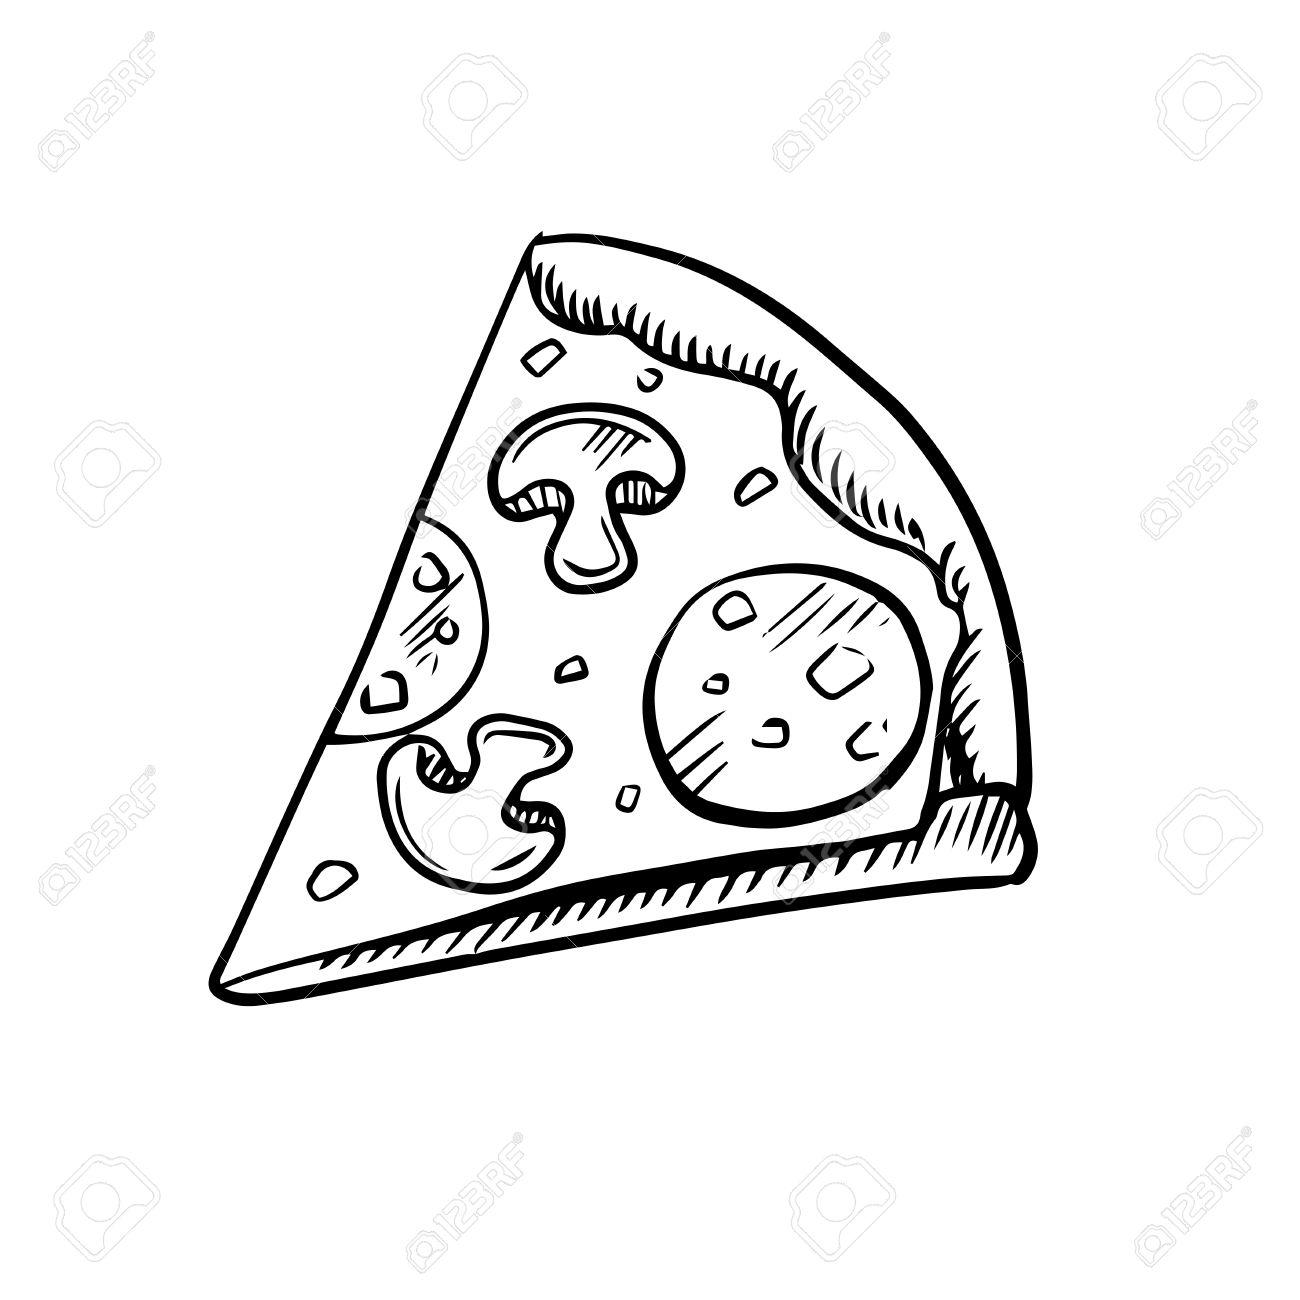 Schwarz Weiß Stück Peperoni Pizza Mit Champignons Erhöhte Ansicht